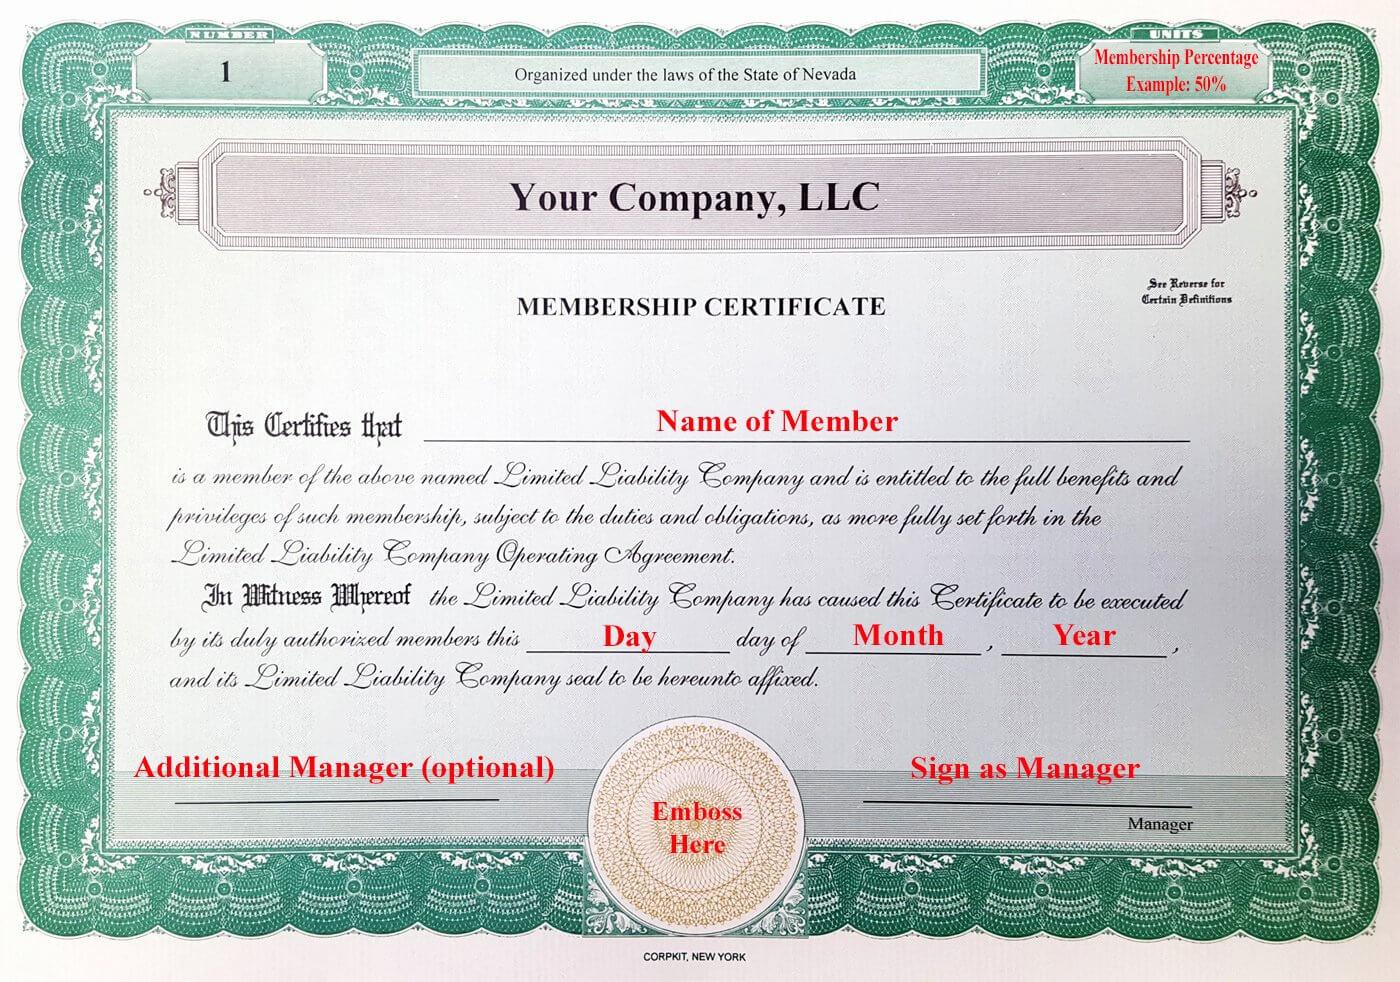 30 Llc Membership Certificate Template | Pryncepality Regarding Llc Membership Certificate Template Word